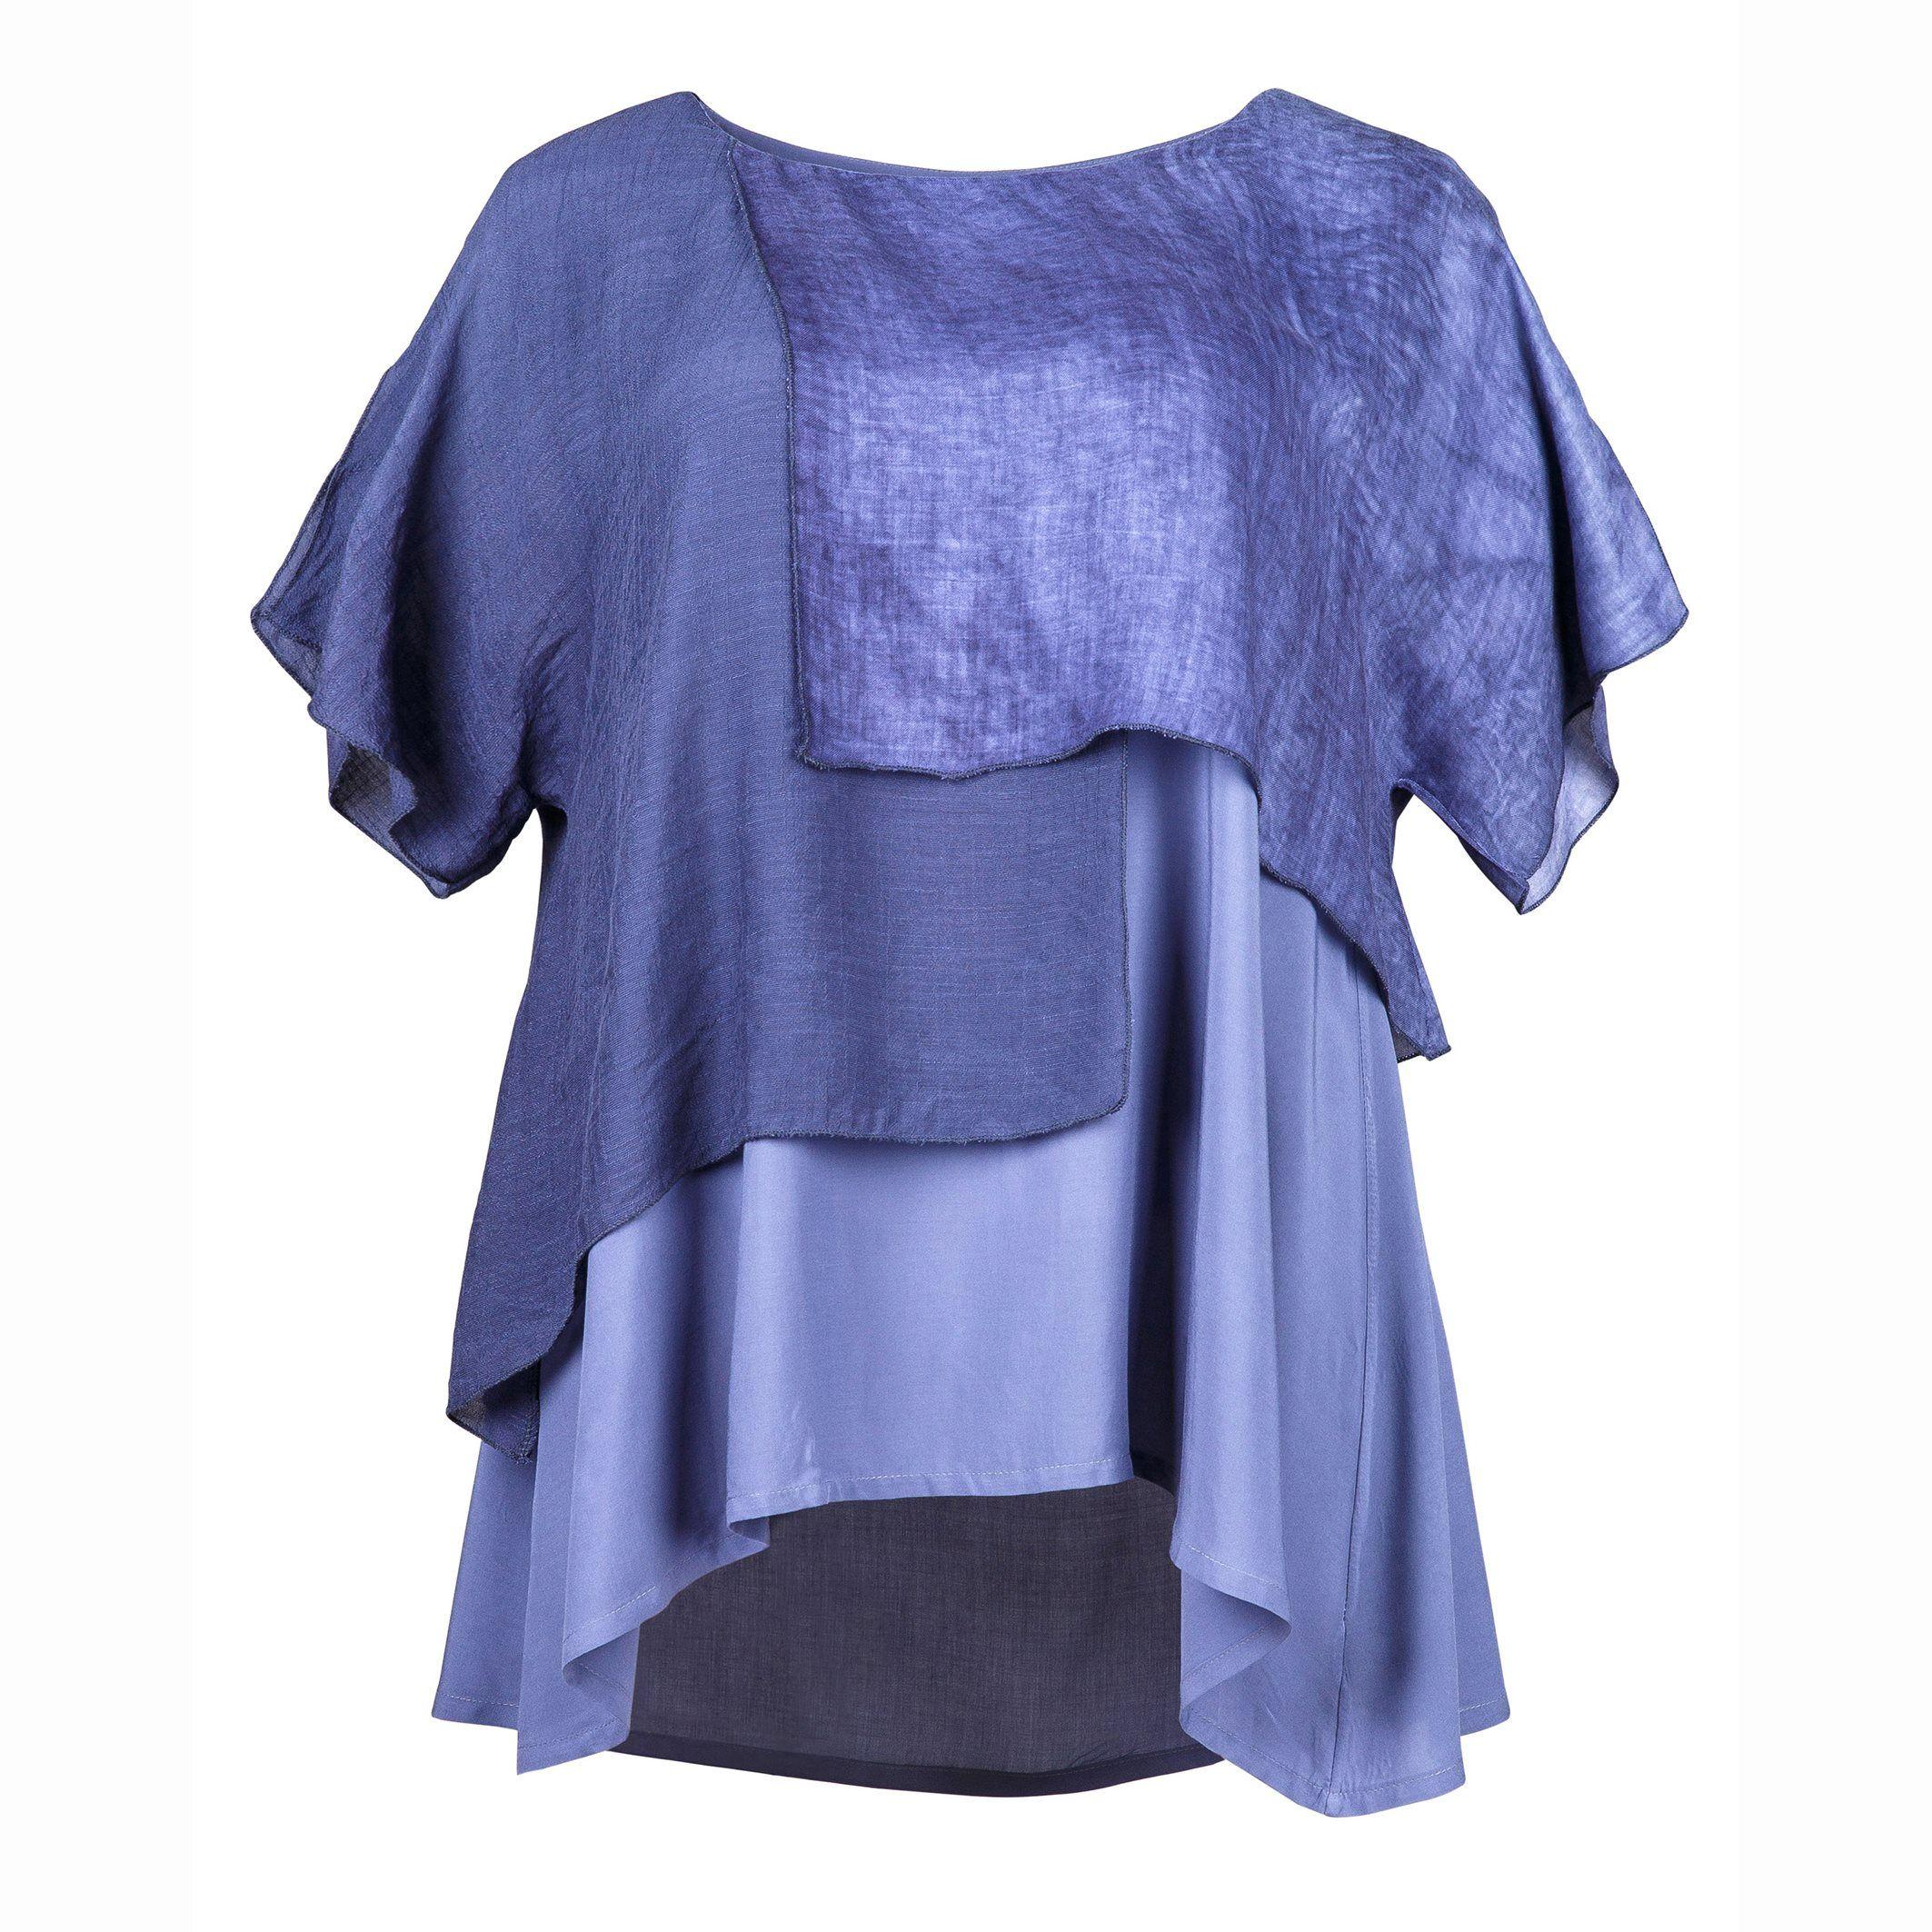 Compre Blusa Roupa na La Redoute. O melhor da moda online.